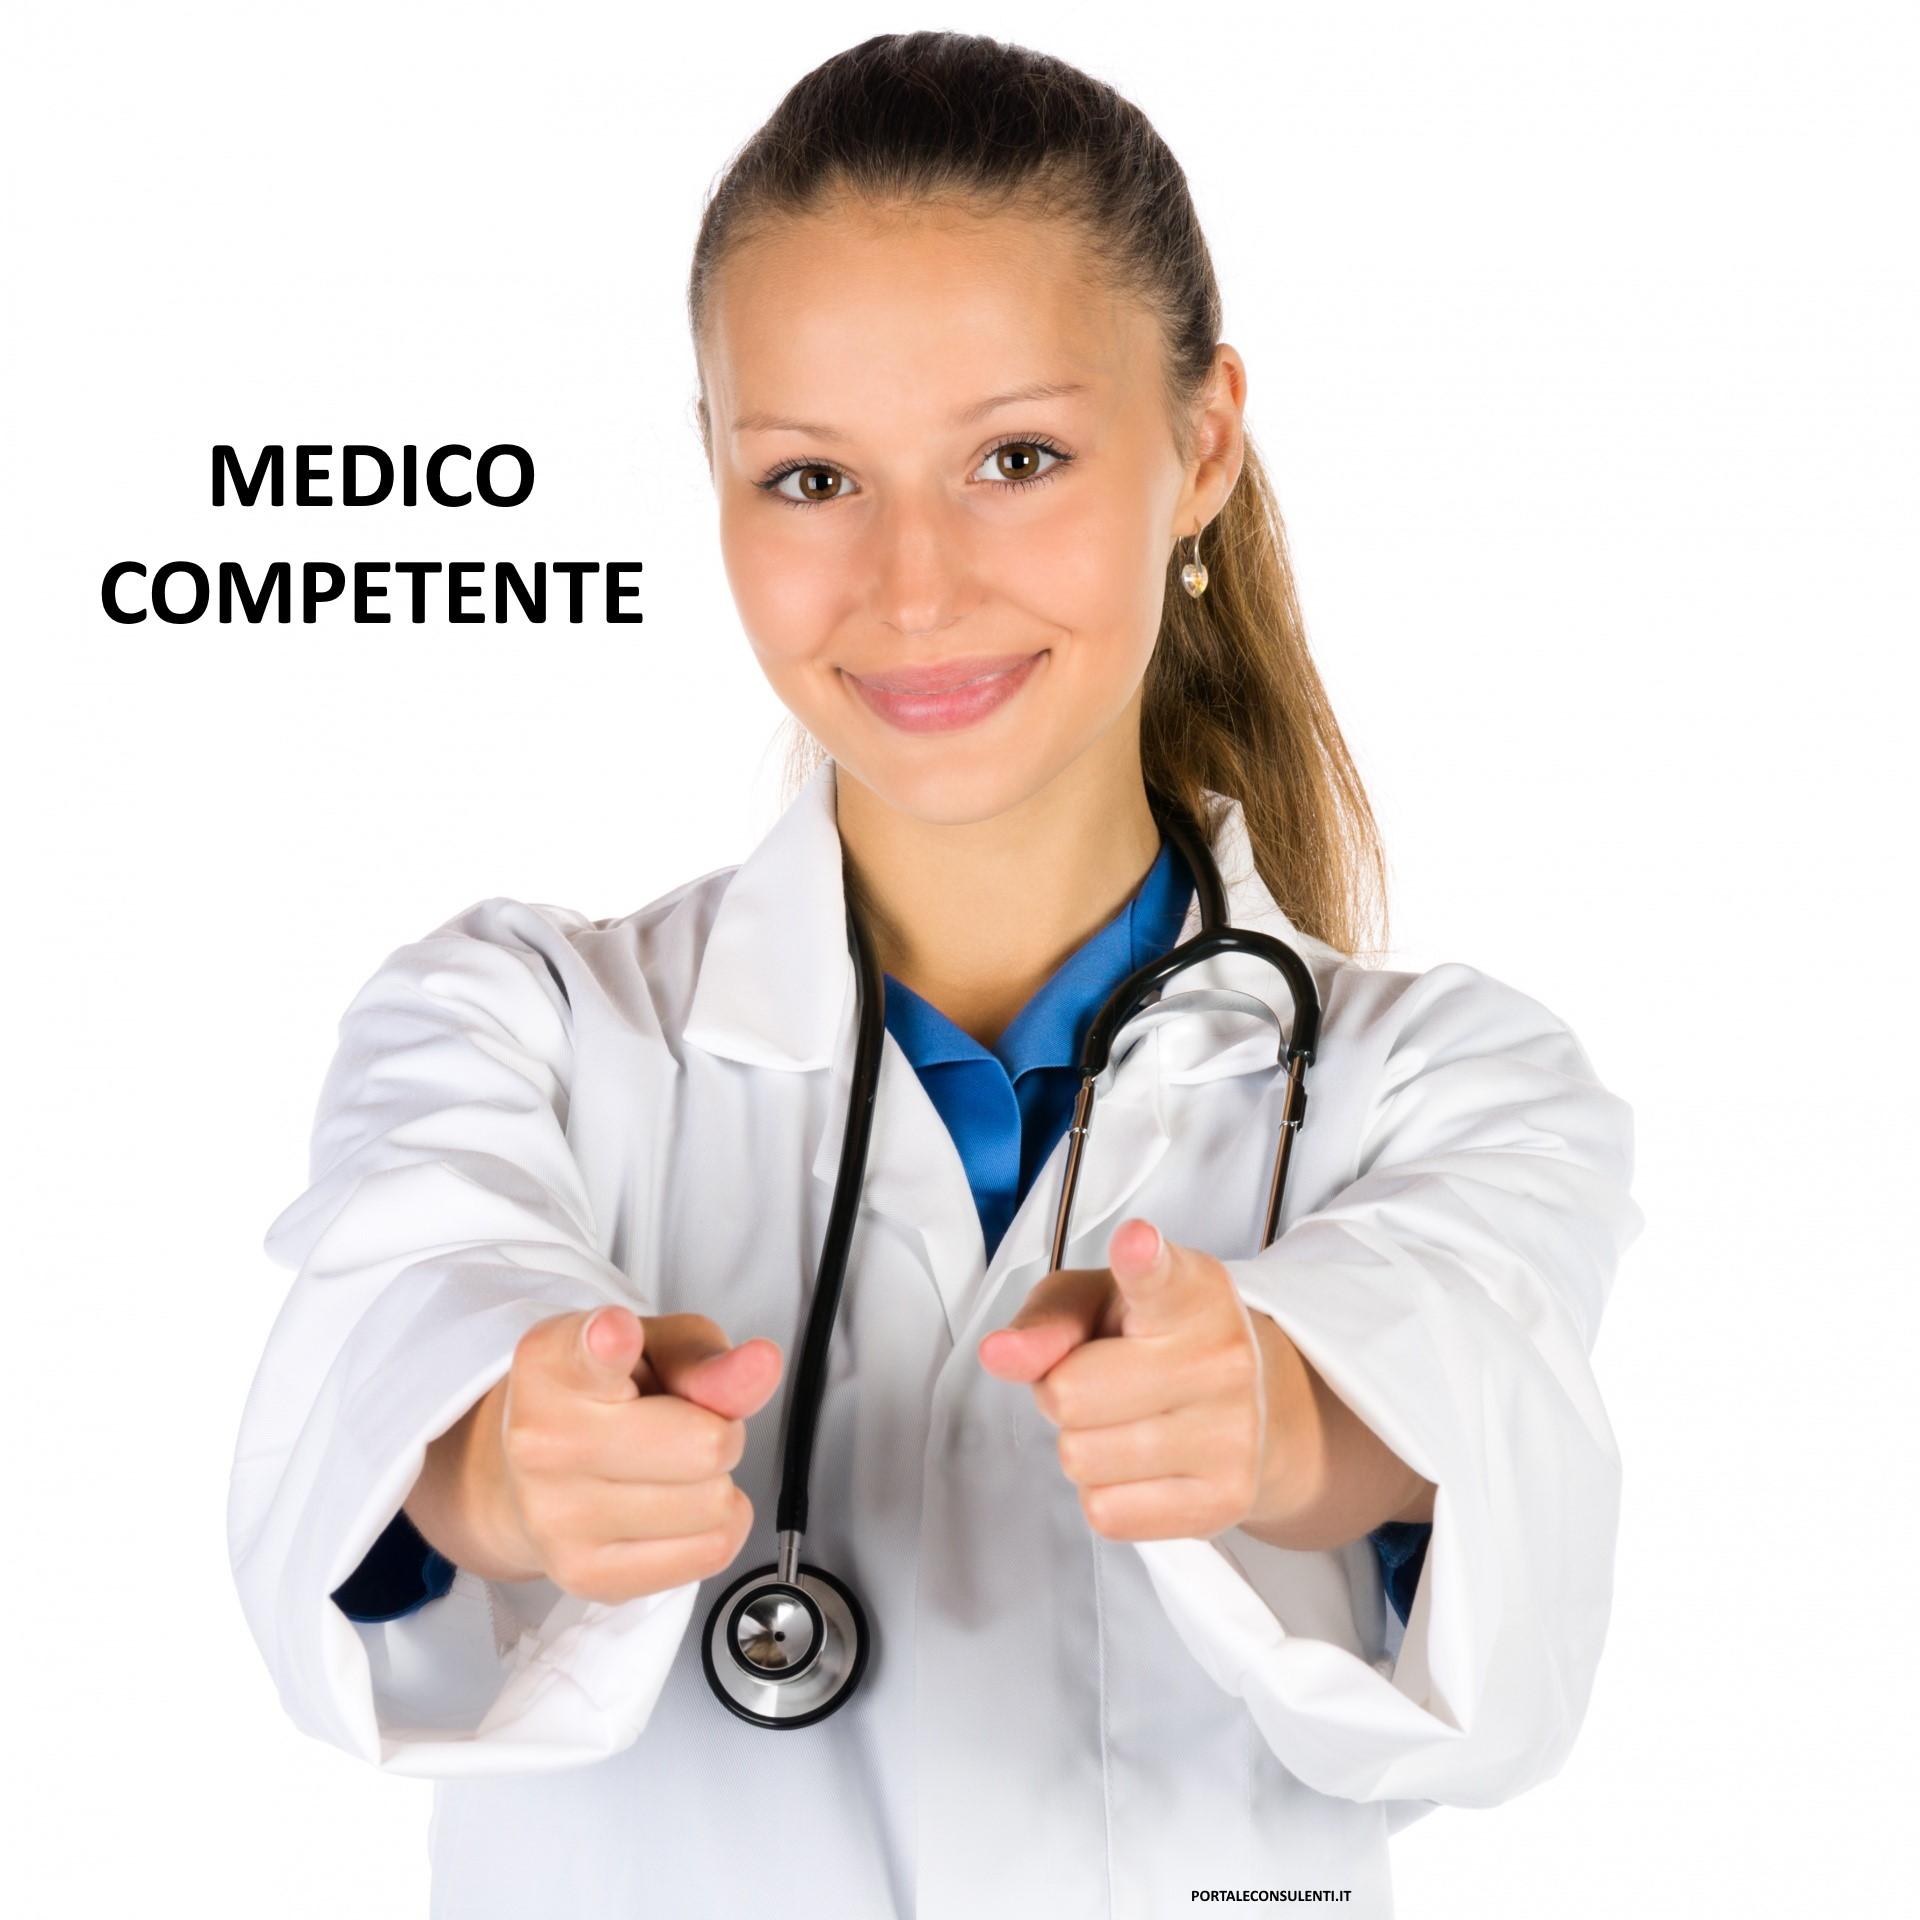 Medico competente e risultati anonimi collettivi